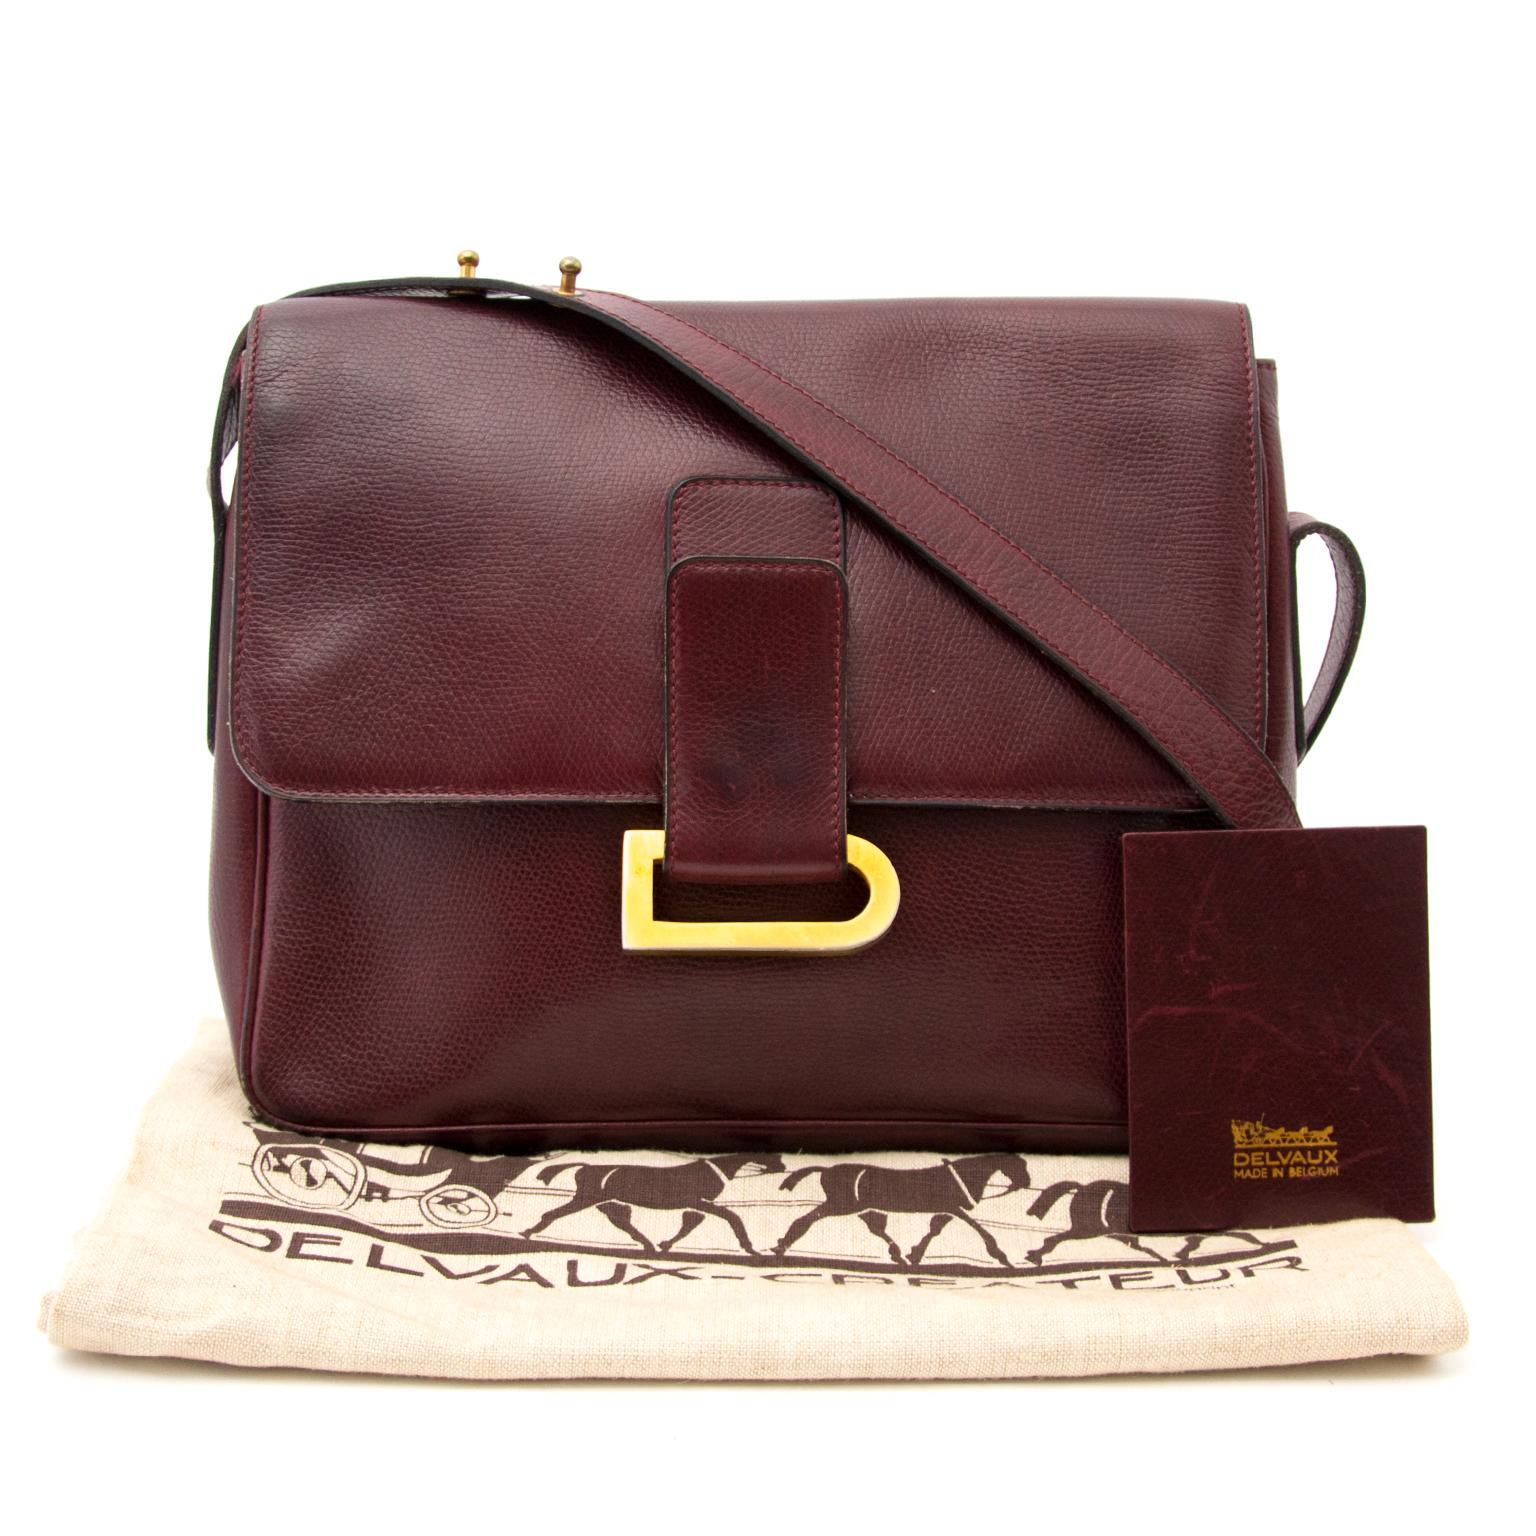 Achetez Delvaux Dark Red Shoulder Bag Poirier en ligne chez Labellov.com